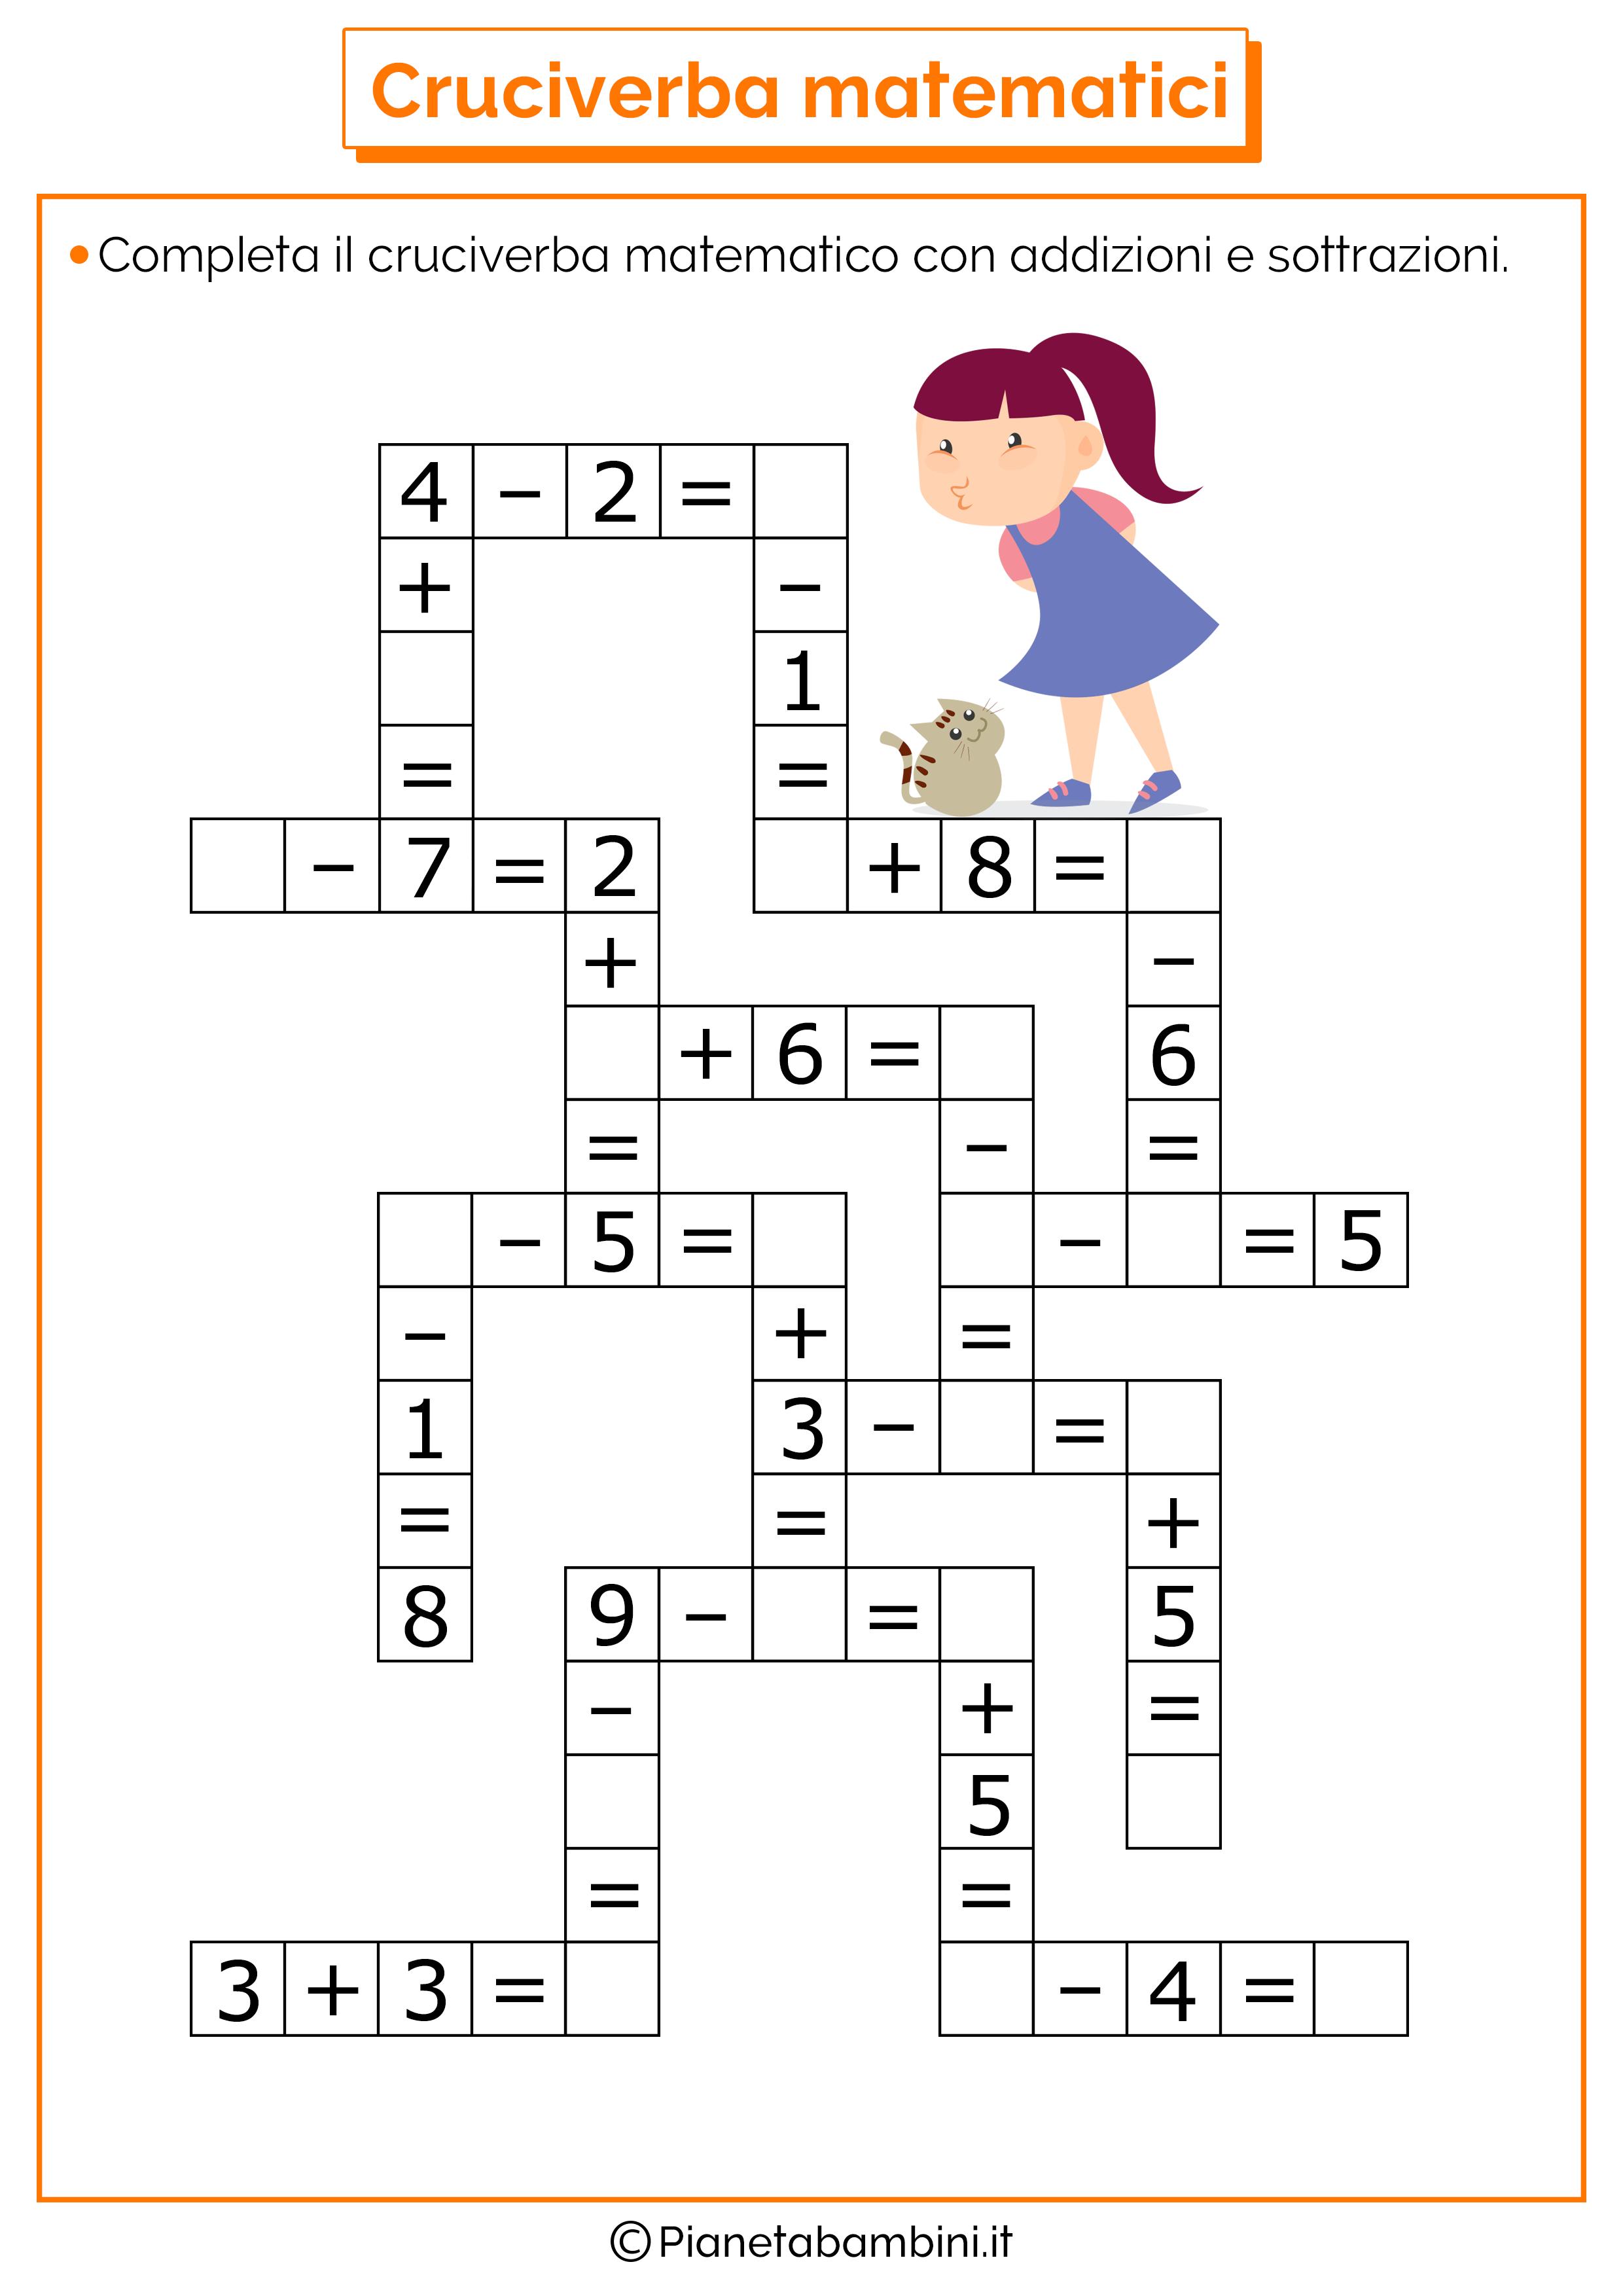 Cruciverba matematici con addizioni e sottrazioni for Cruciverba facile da stampare